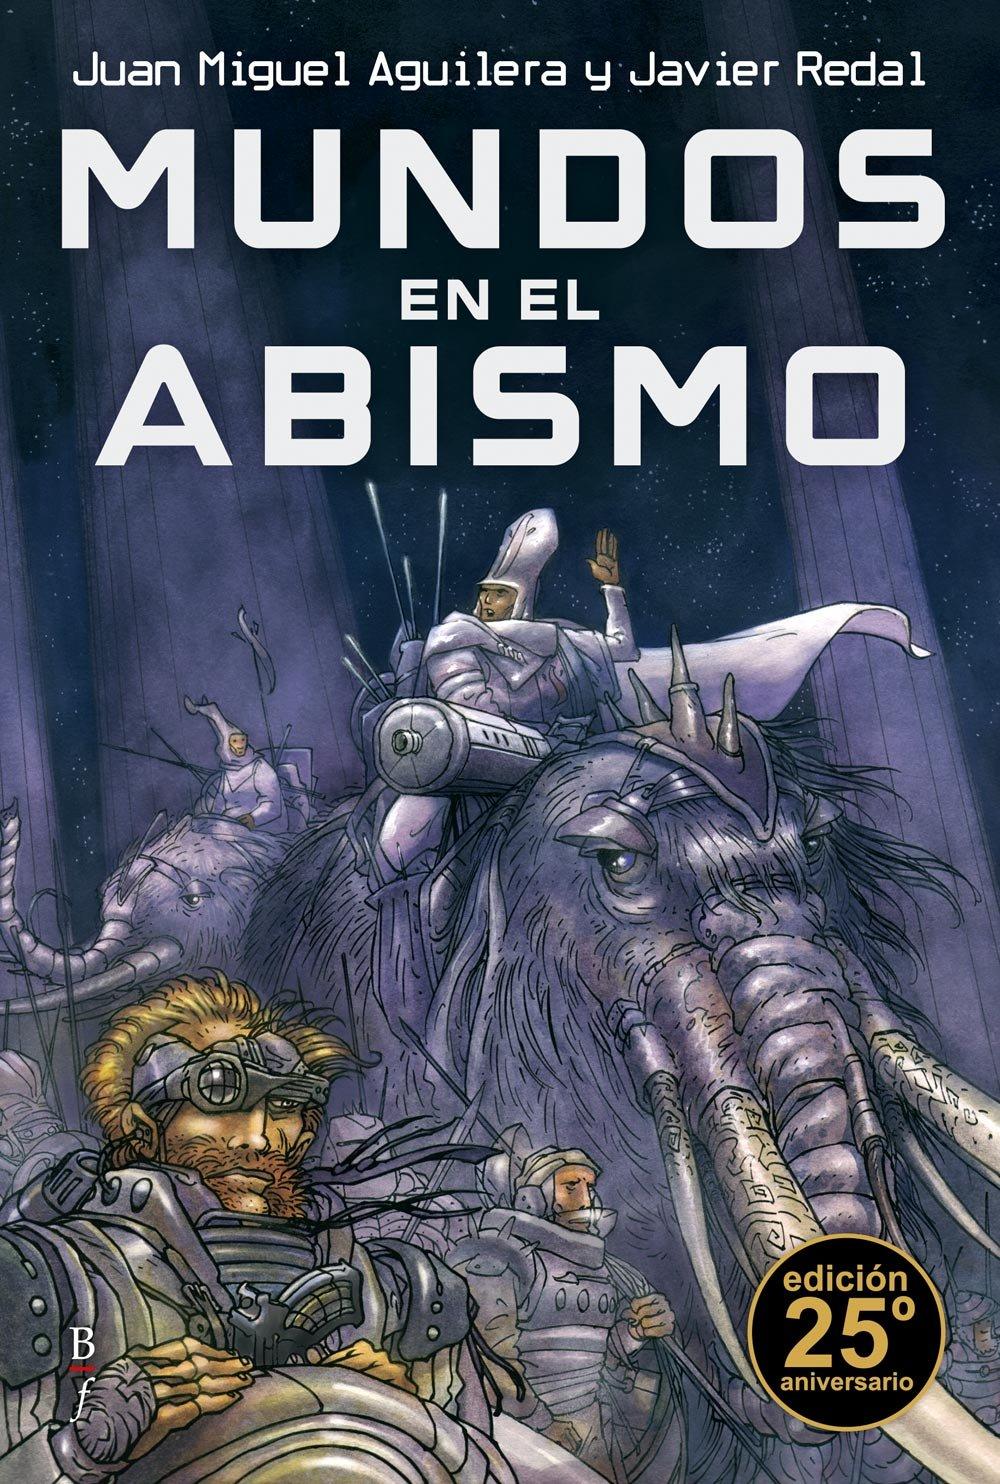 Mundos en el abismo/Hijos de la eternidad, de Juan Miguel Aguilera y Javier  Redal (1988-1990)